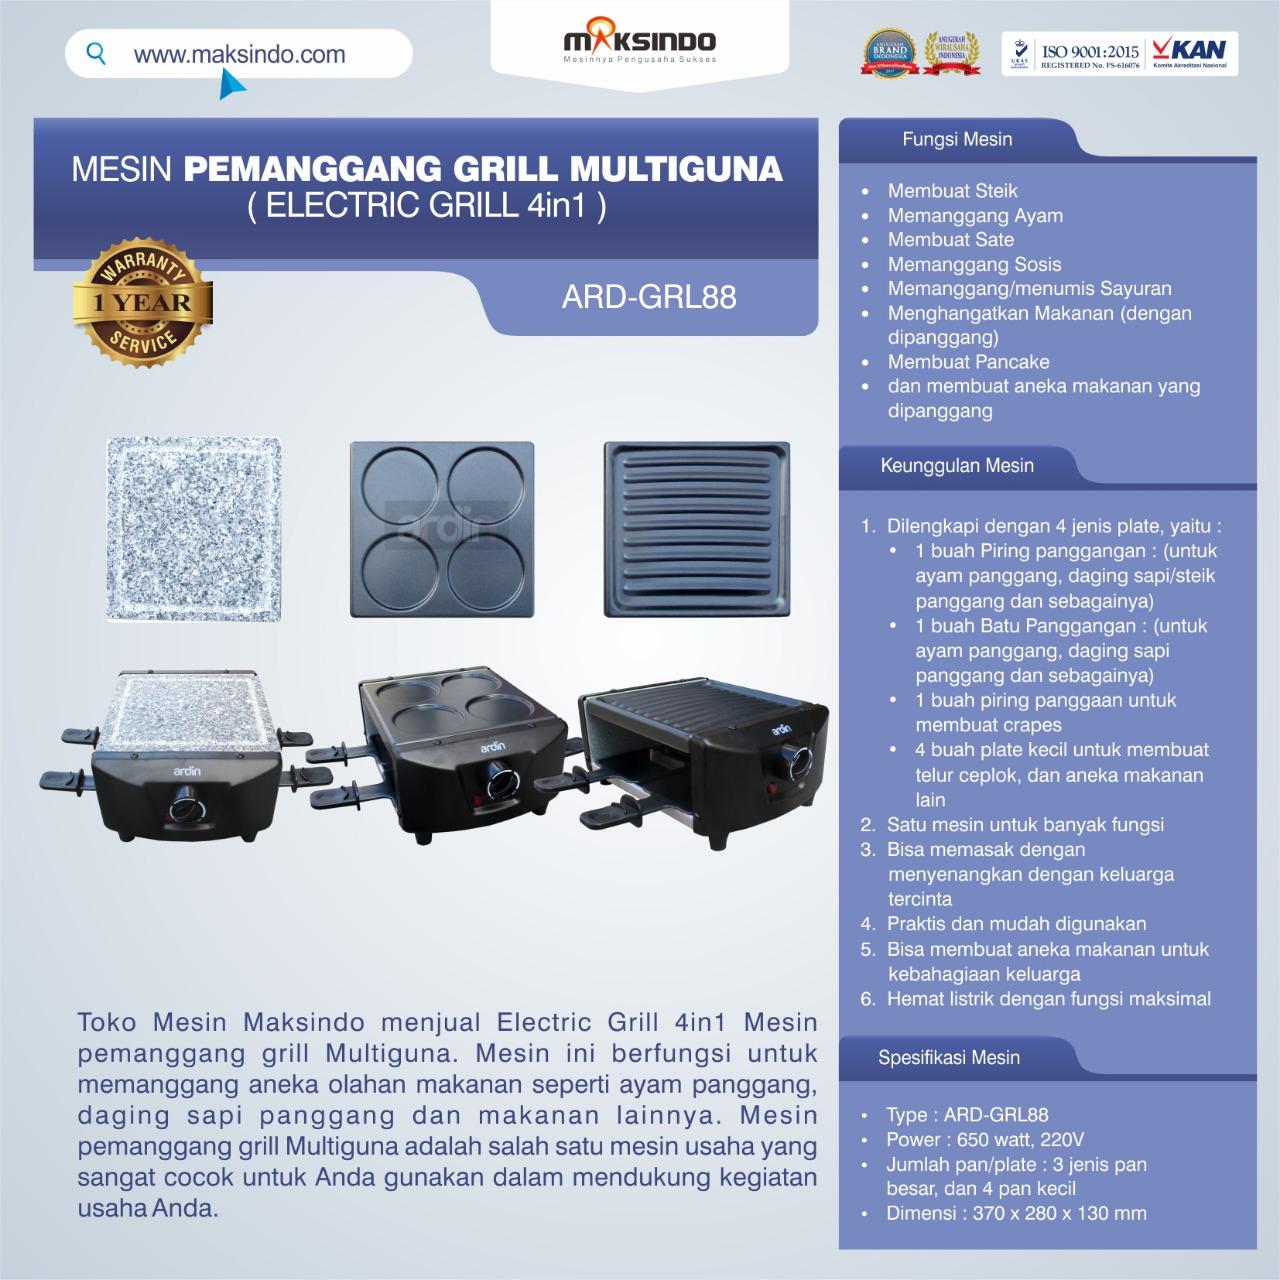 Jual Mesin Pemanggang Grill Multiguna (Electric Grill 4in1) ARD-GRL88 Di Medan